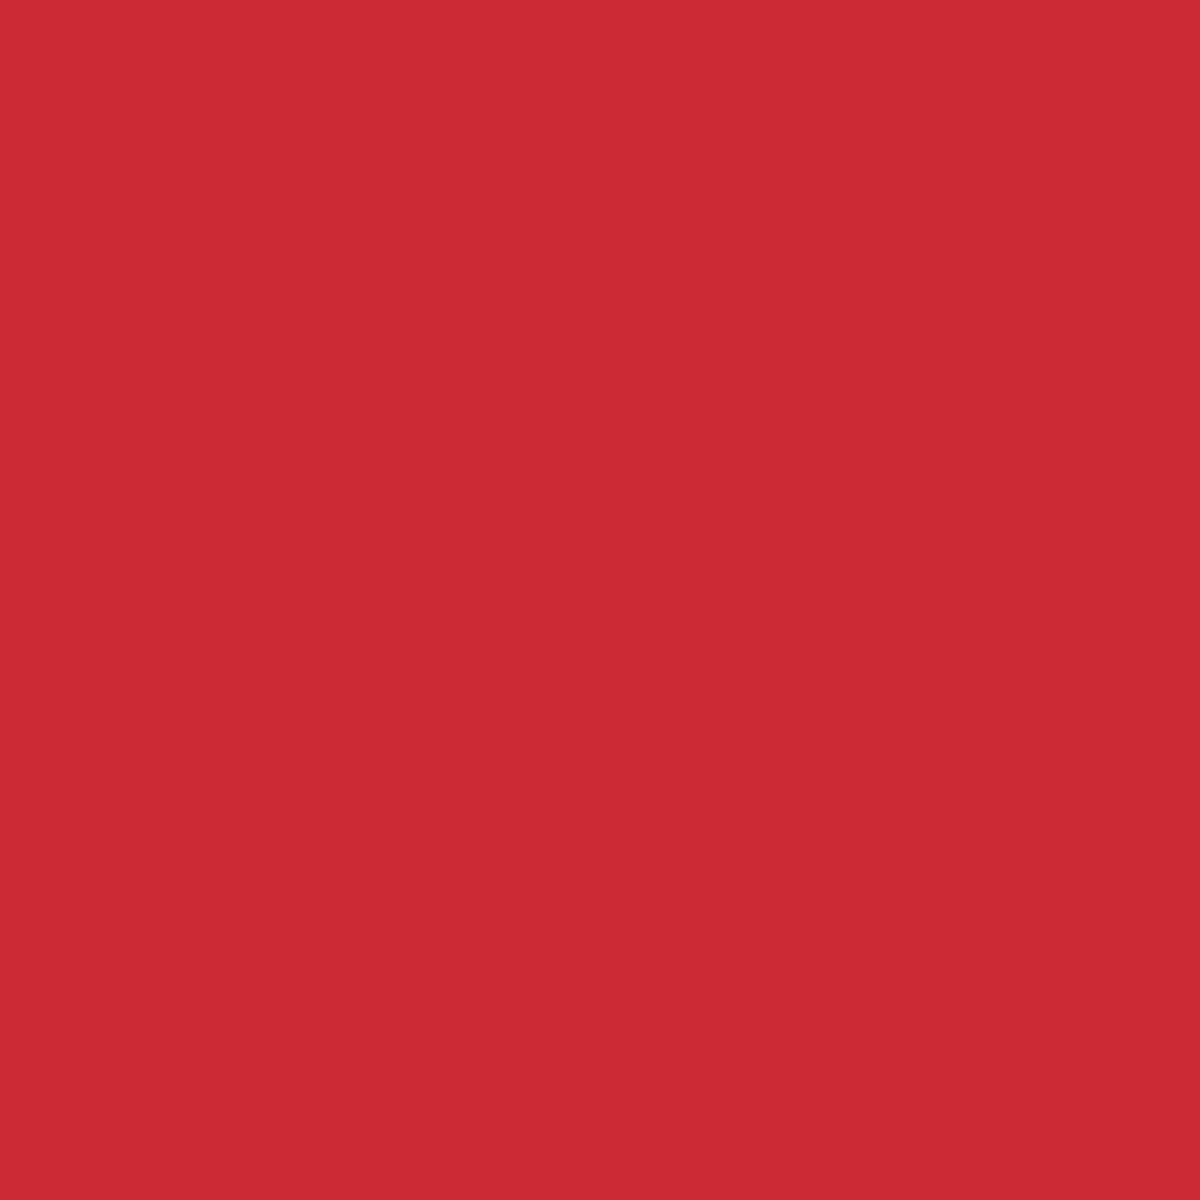 Red Dreamy Minky